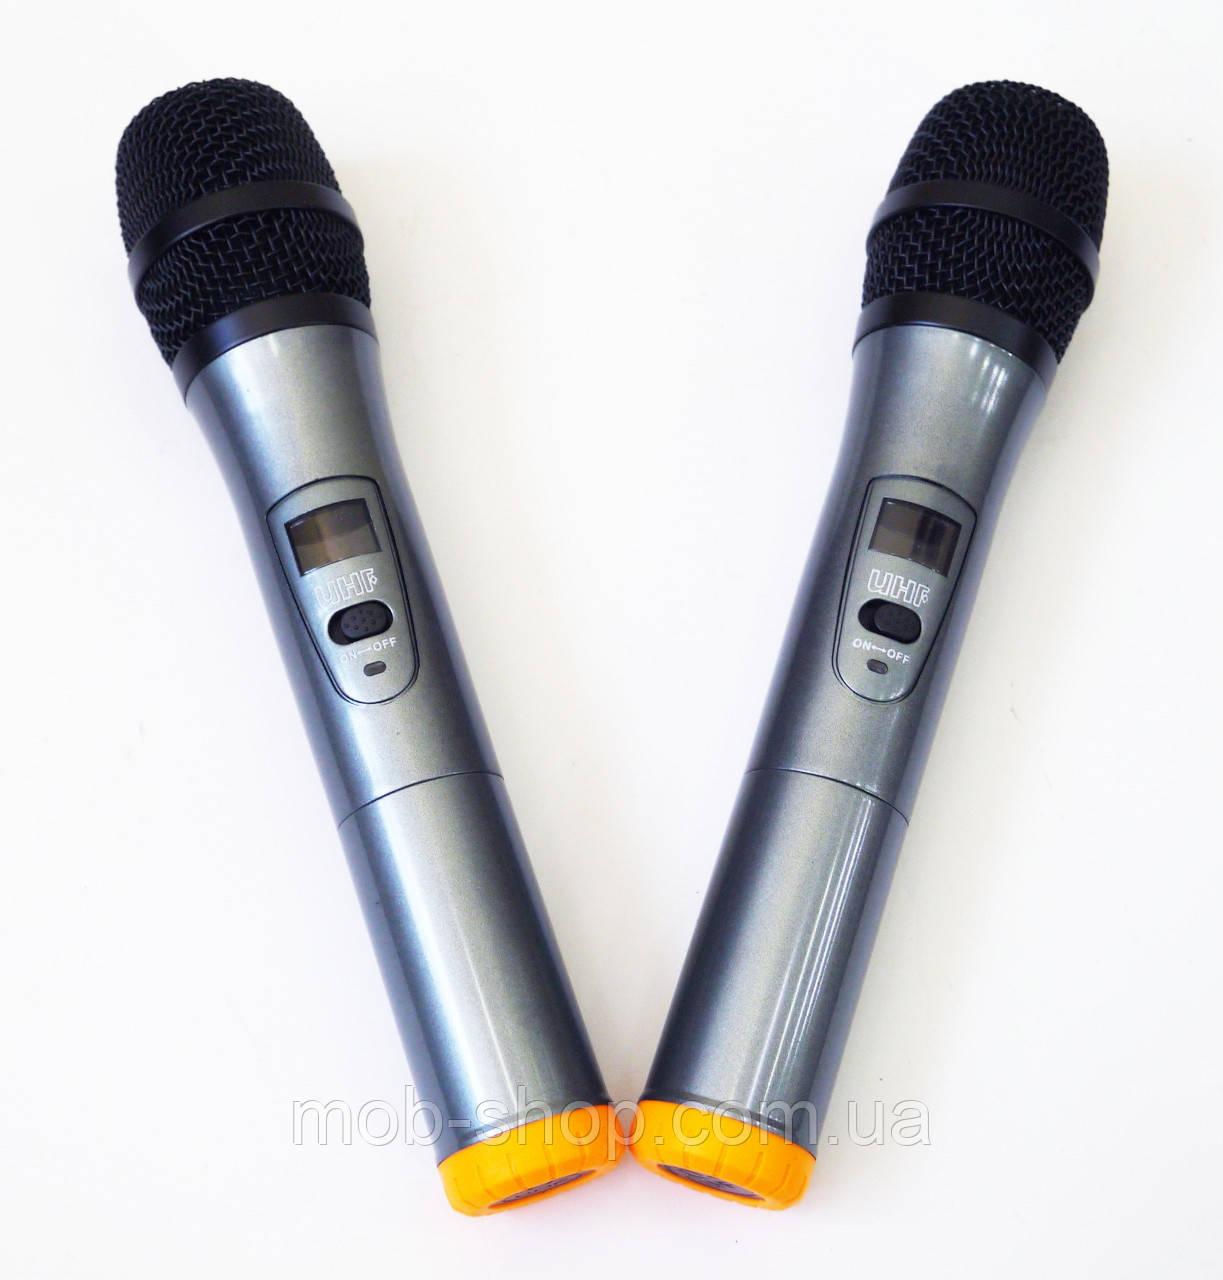 База 2 радиомикрофона Радиосистема Shure UK80